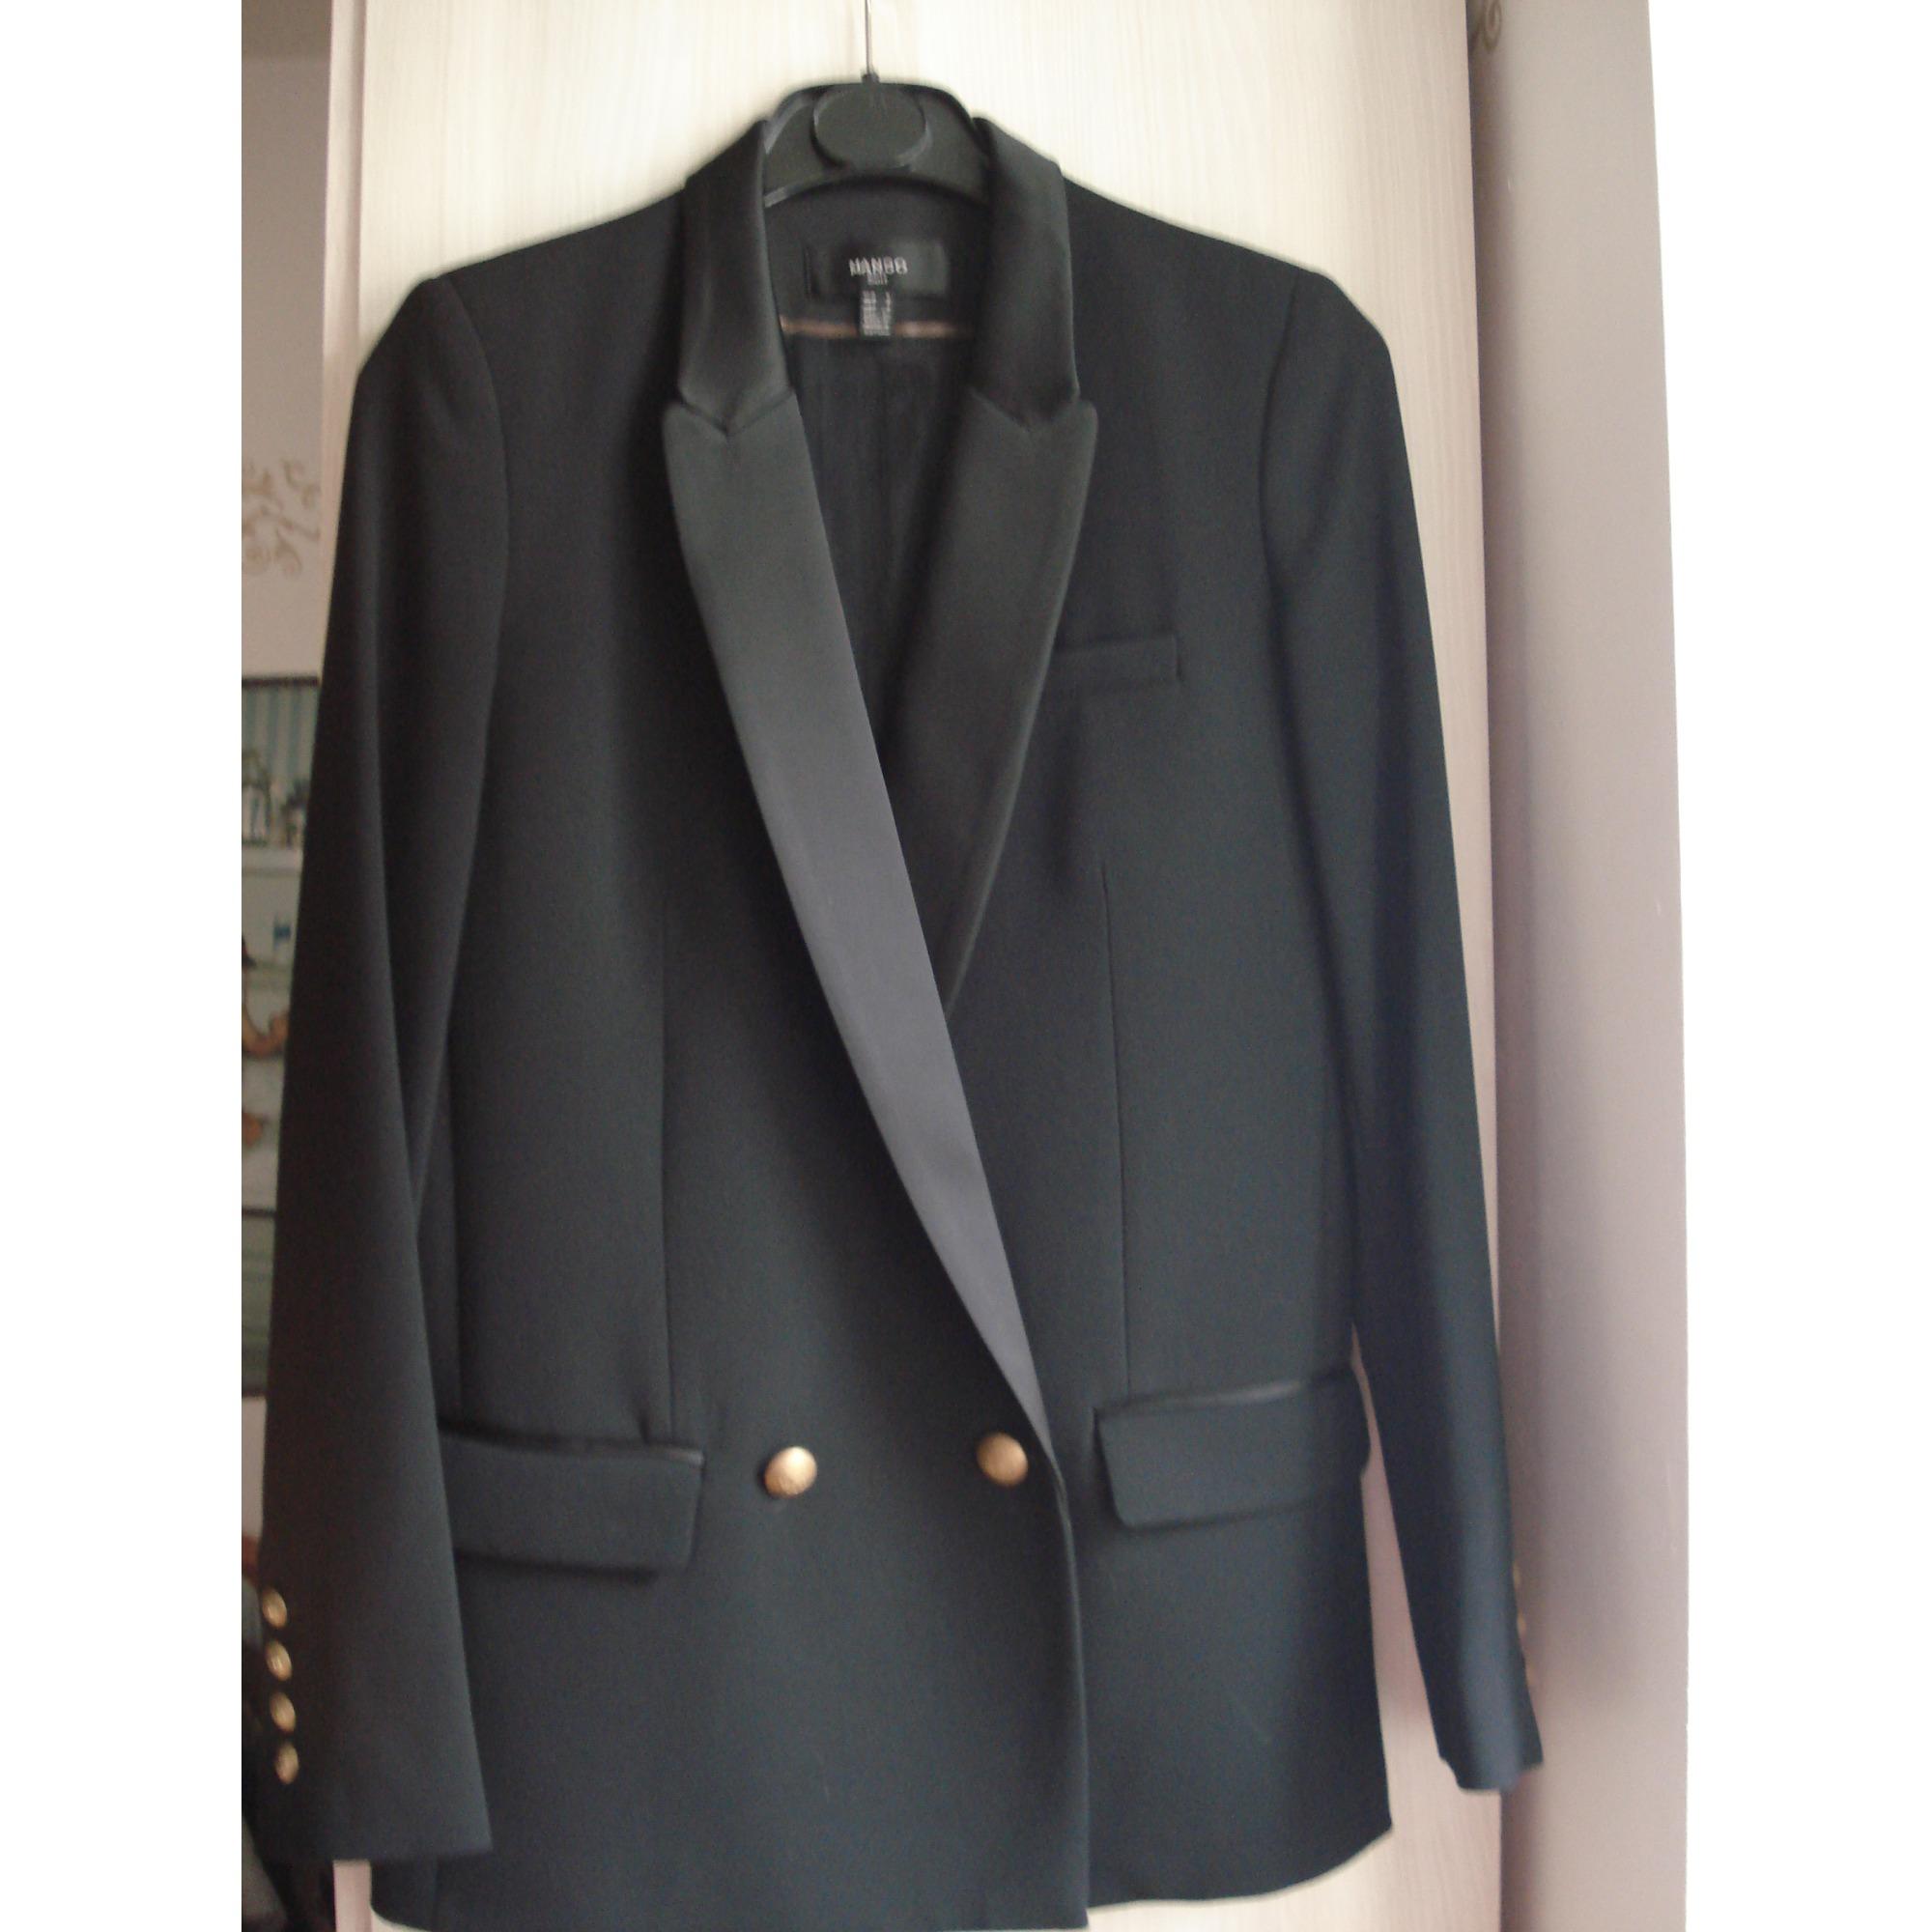 Blazer, veste tailleur MANGO 36 (S, T1) noir - 7330842 067c98b2c93c